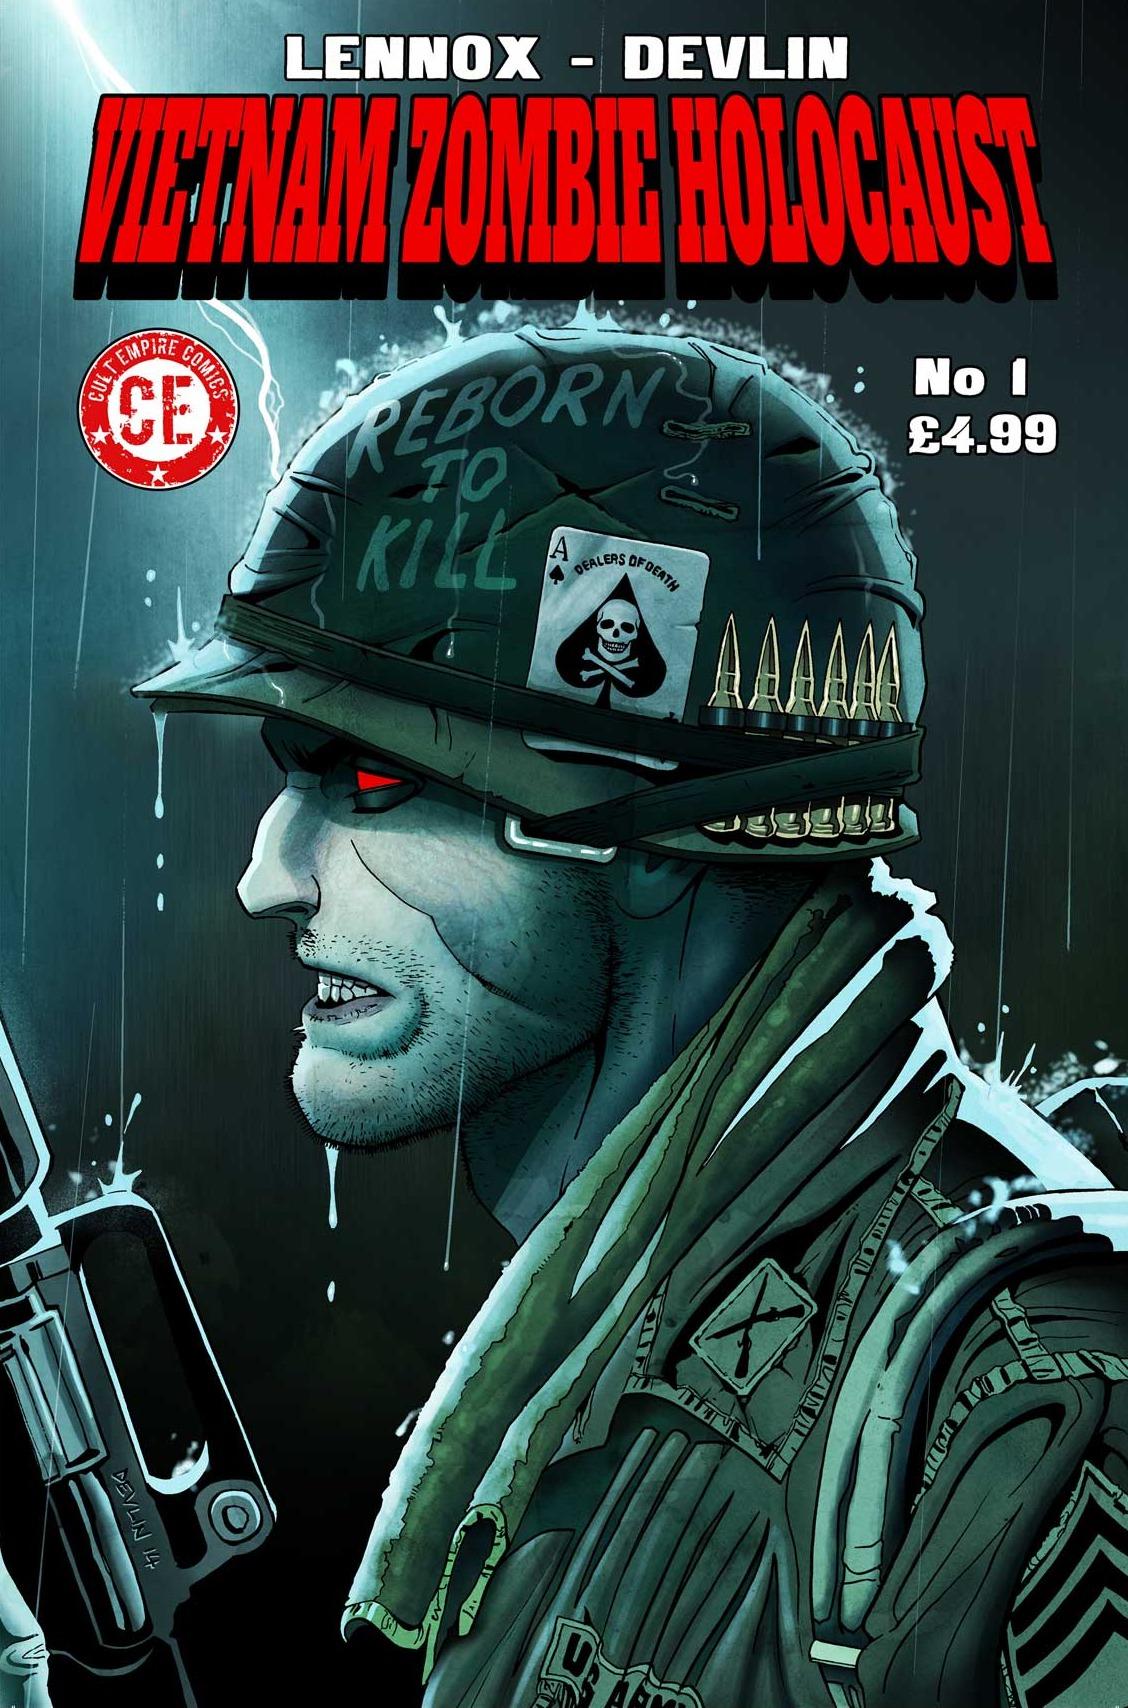 Vietnam Zombie Holocaust #1 Cover